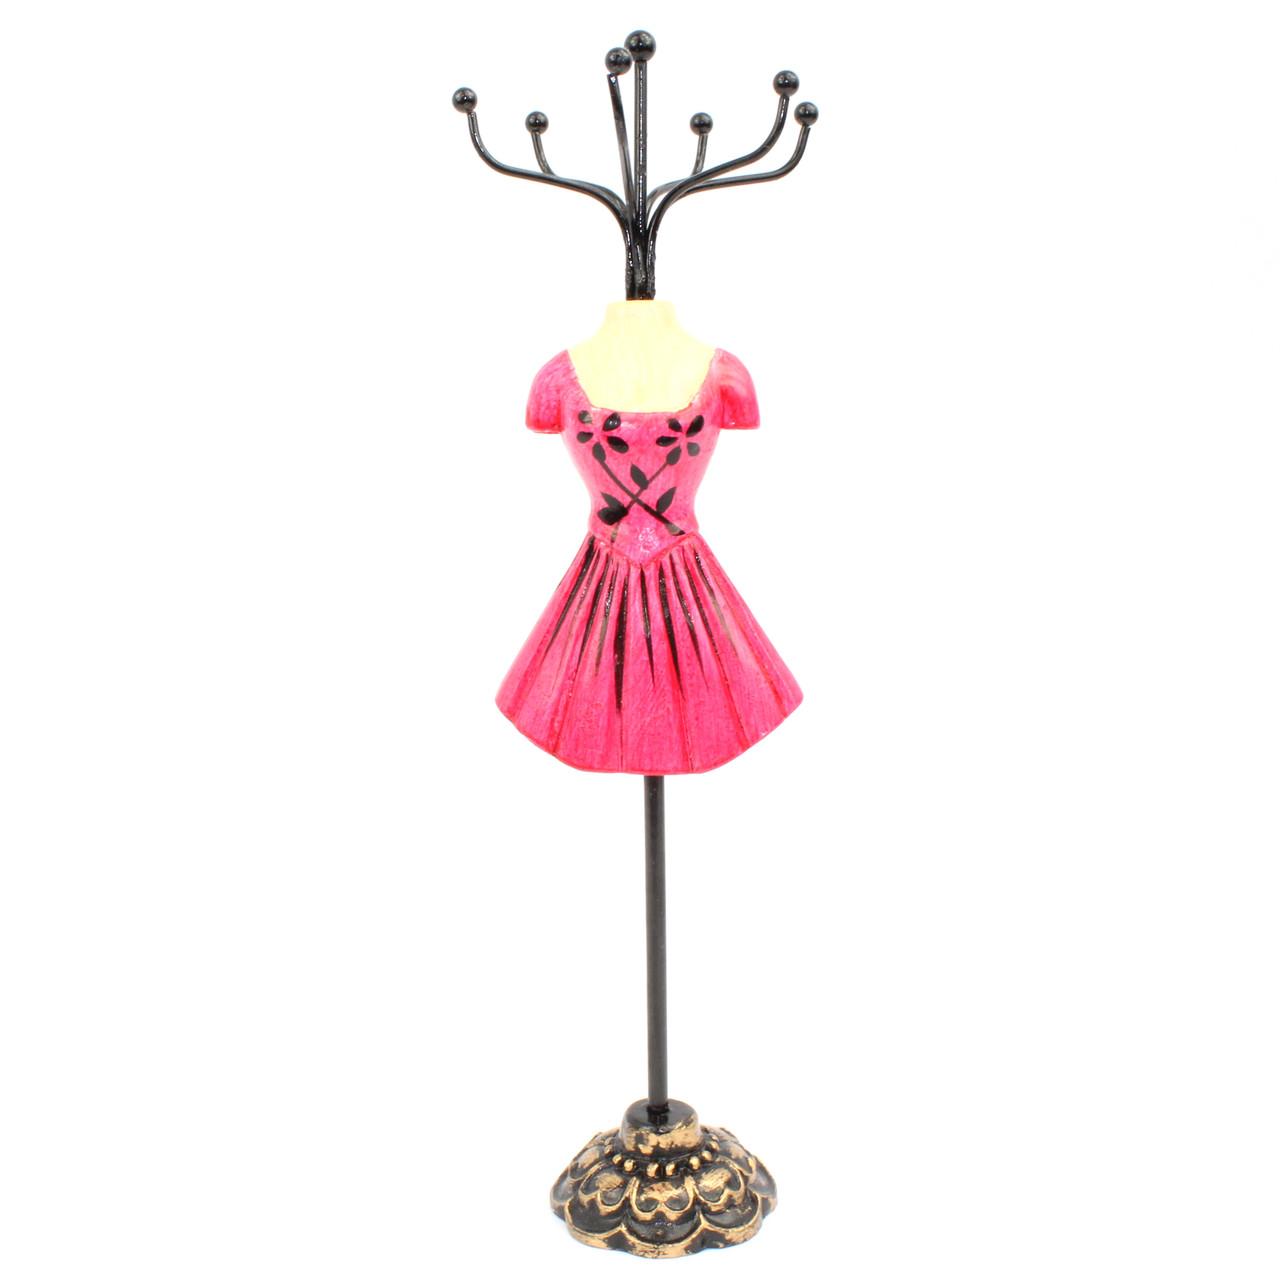 Подставка манекен под бижутерию и украшения в коротеньком малиновом платье